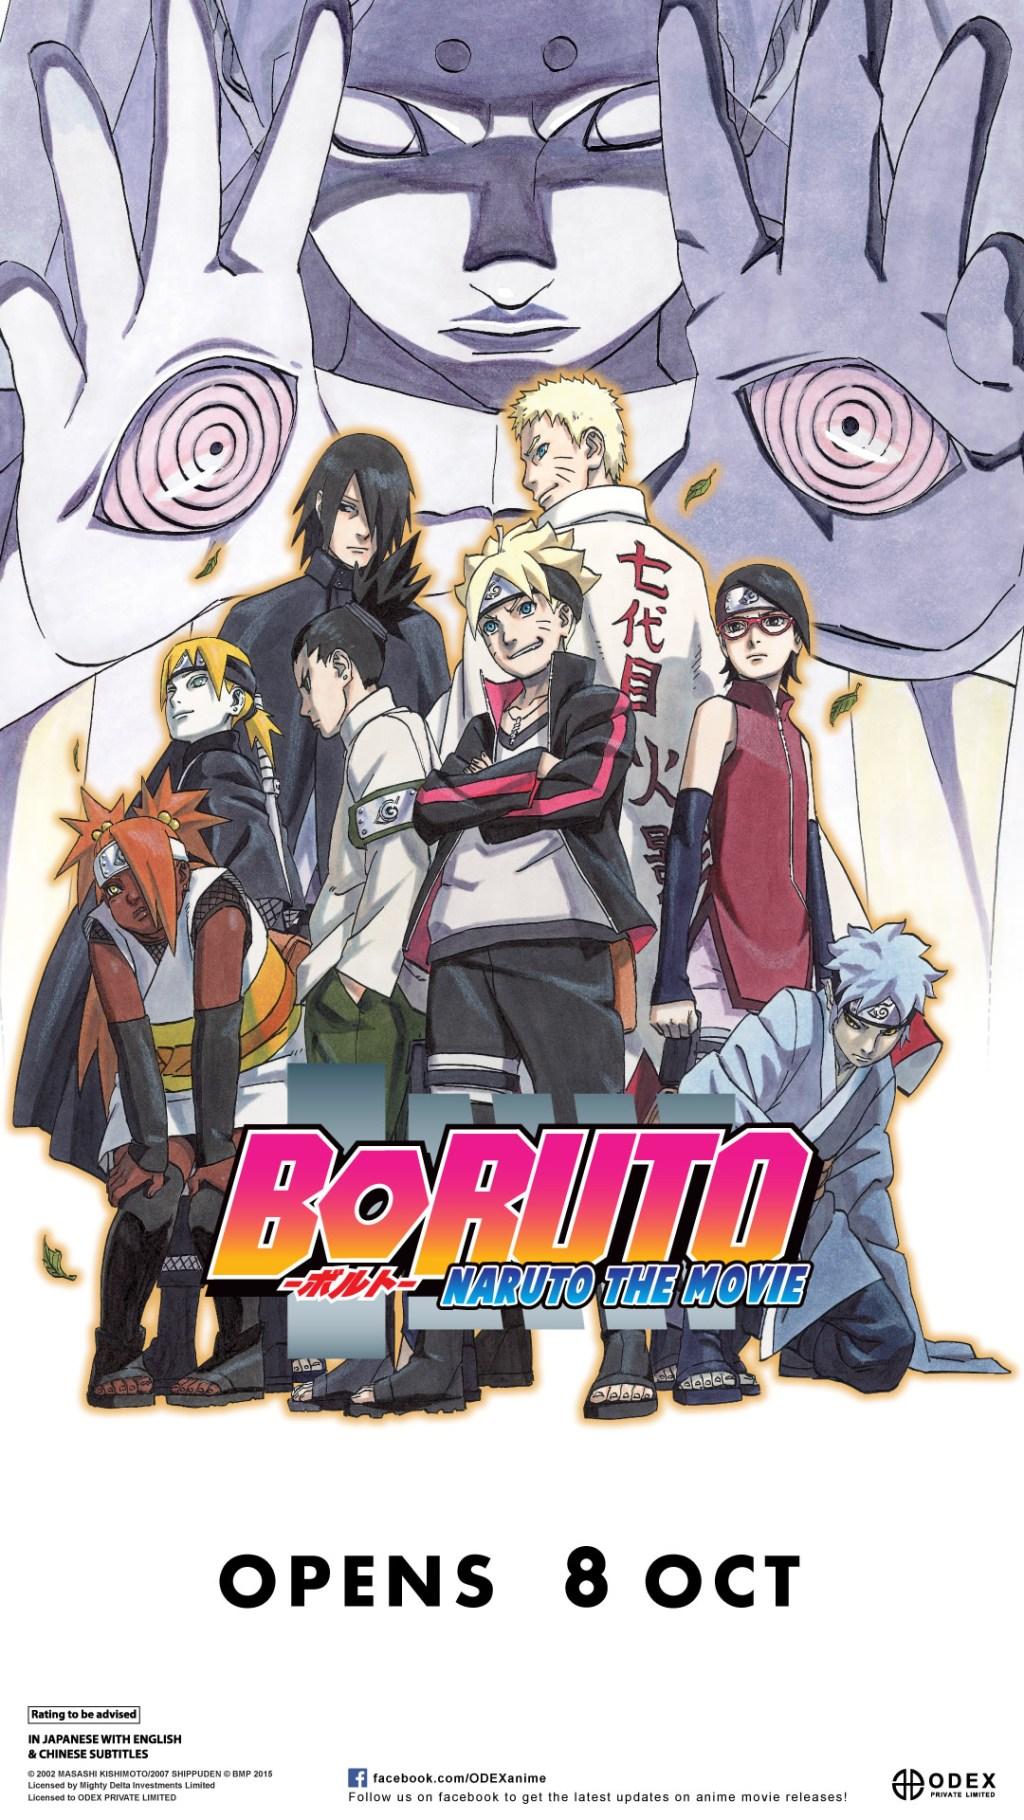 [MOVIE] BORUTO – NARUTO The Movie starts 8 OCT 2015 in Singapore